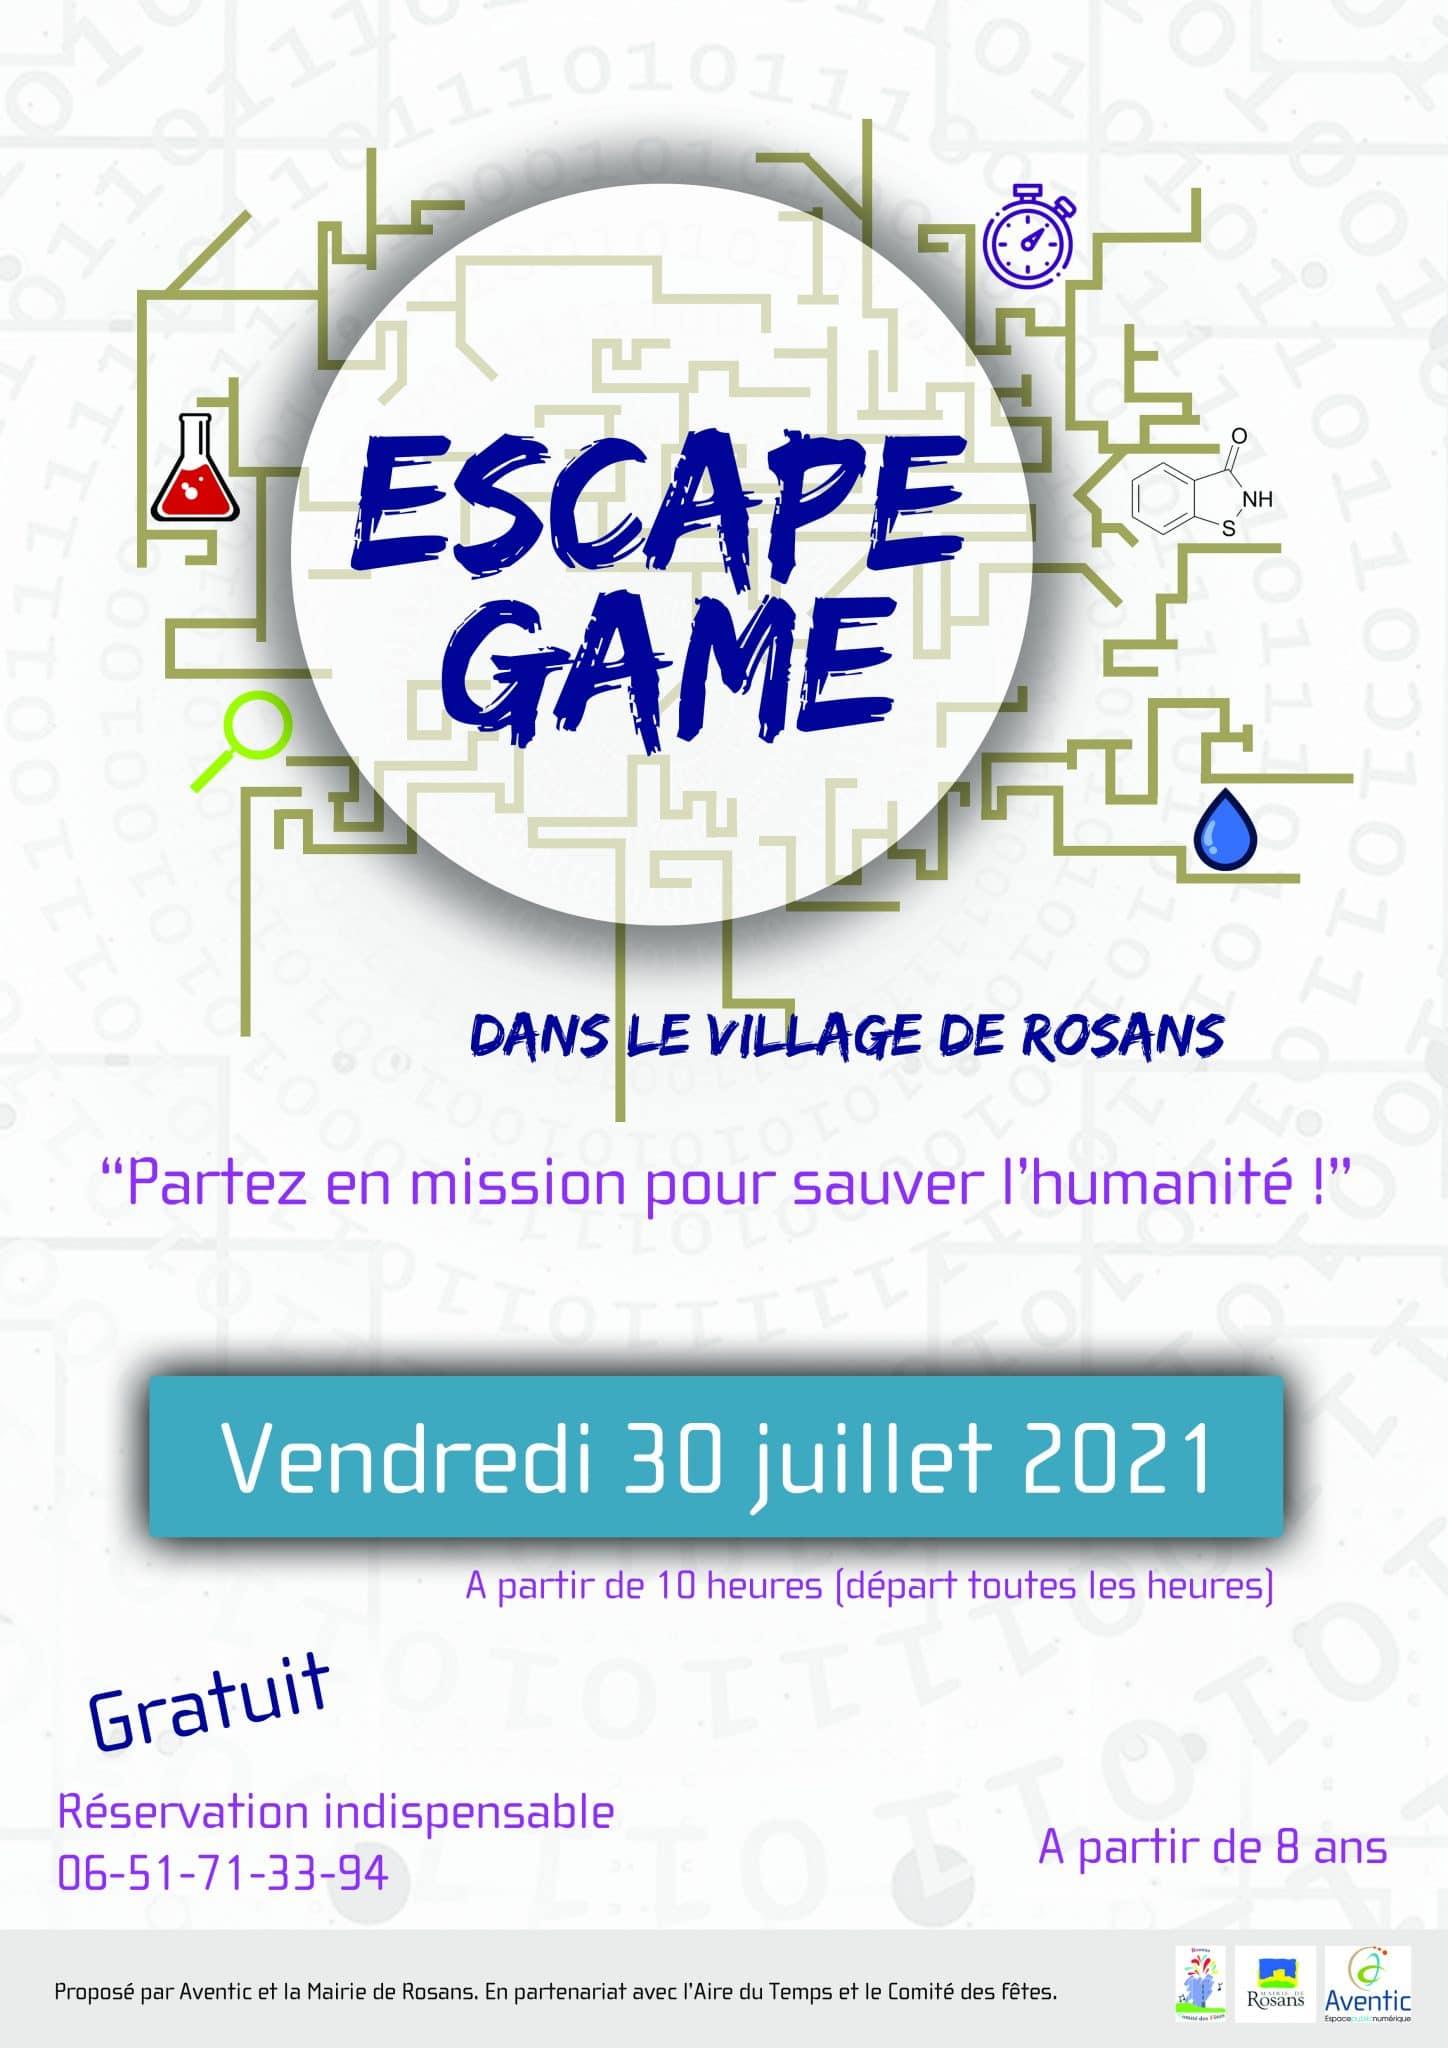 Escape game à Rosans - 30 Juillet 2021